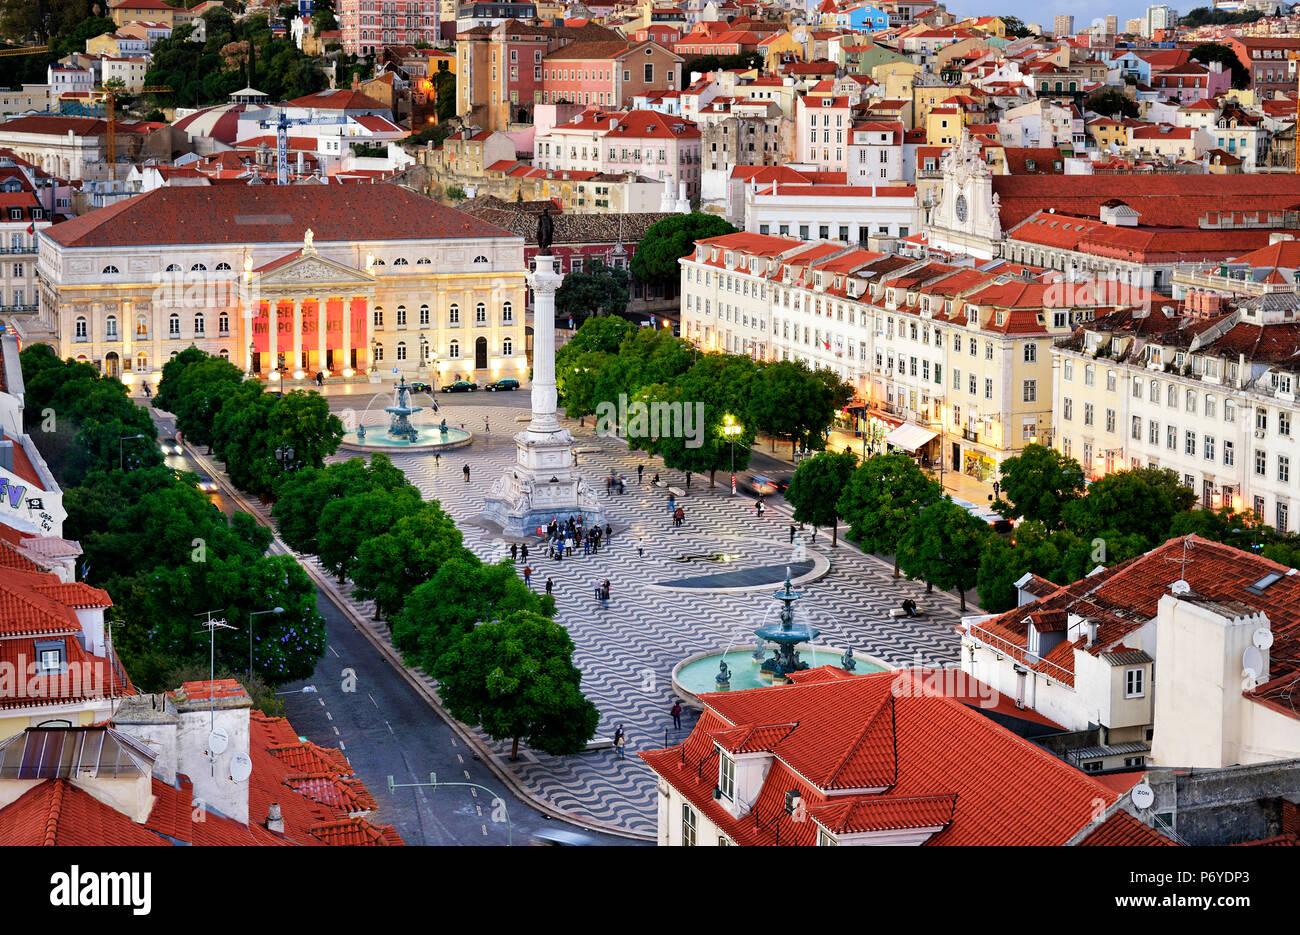 La plaza Rossio y Praça Dom Pedro IV, el centro histórico de la ciudad al atardecer. Lisboa, Portugal Imagen De Stock